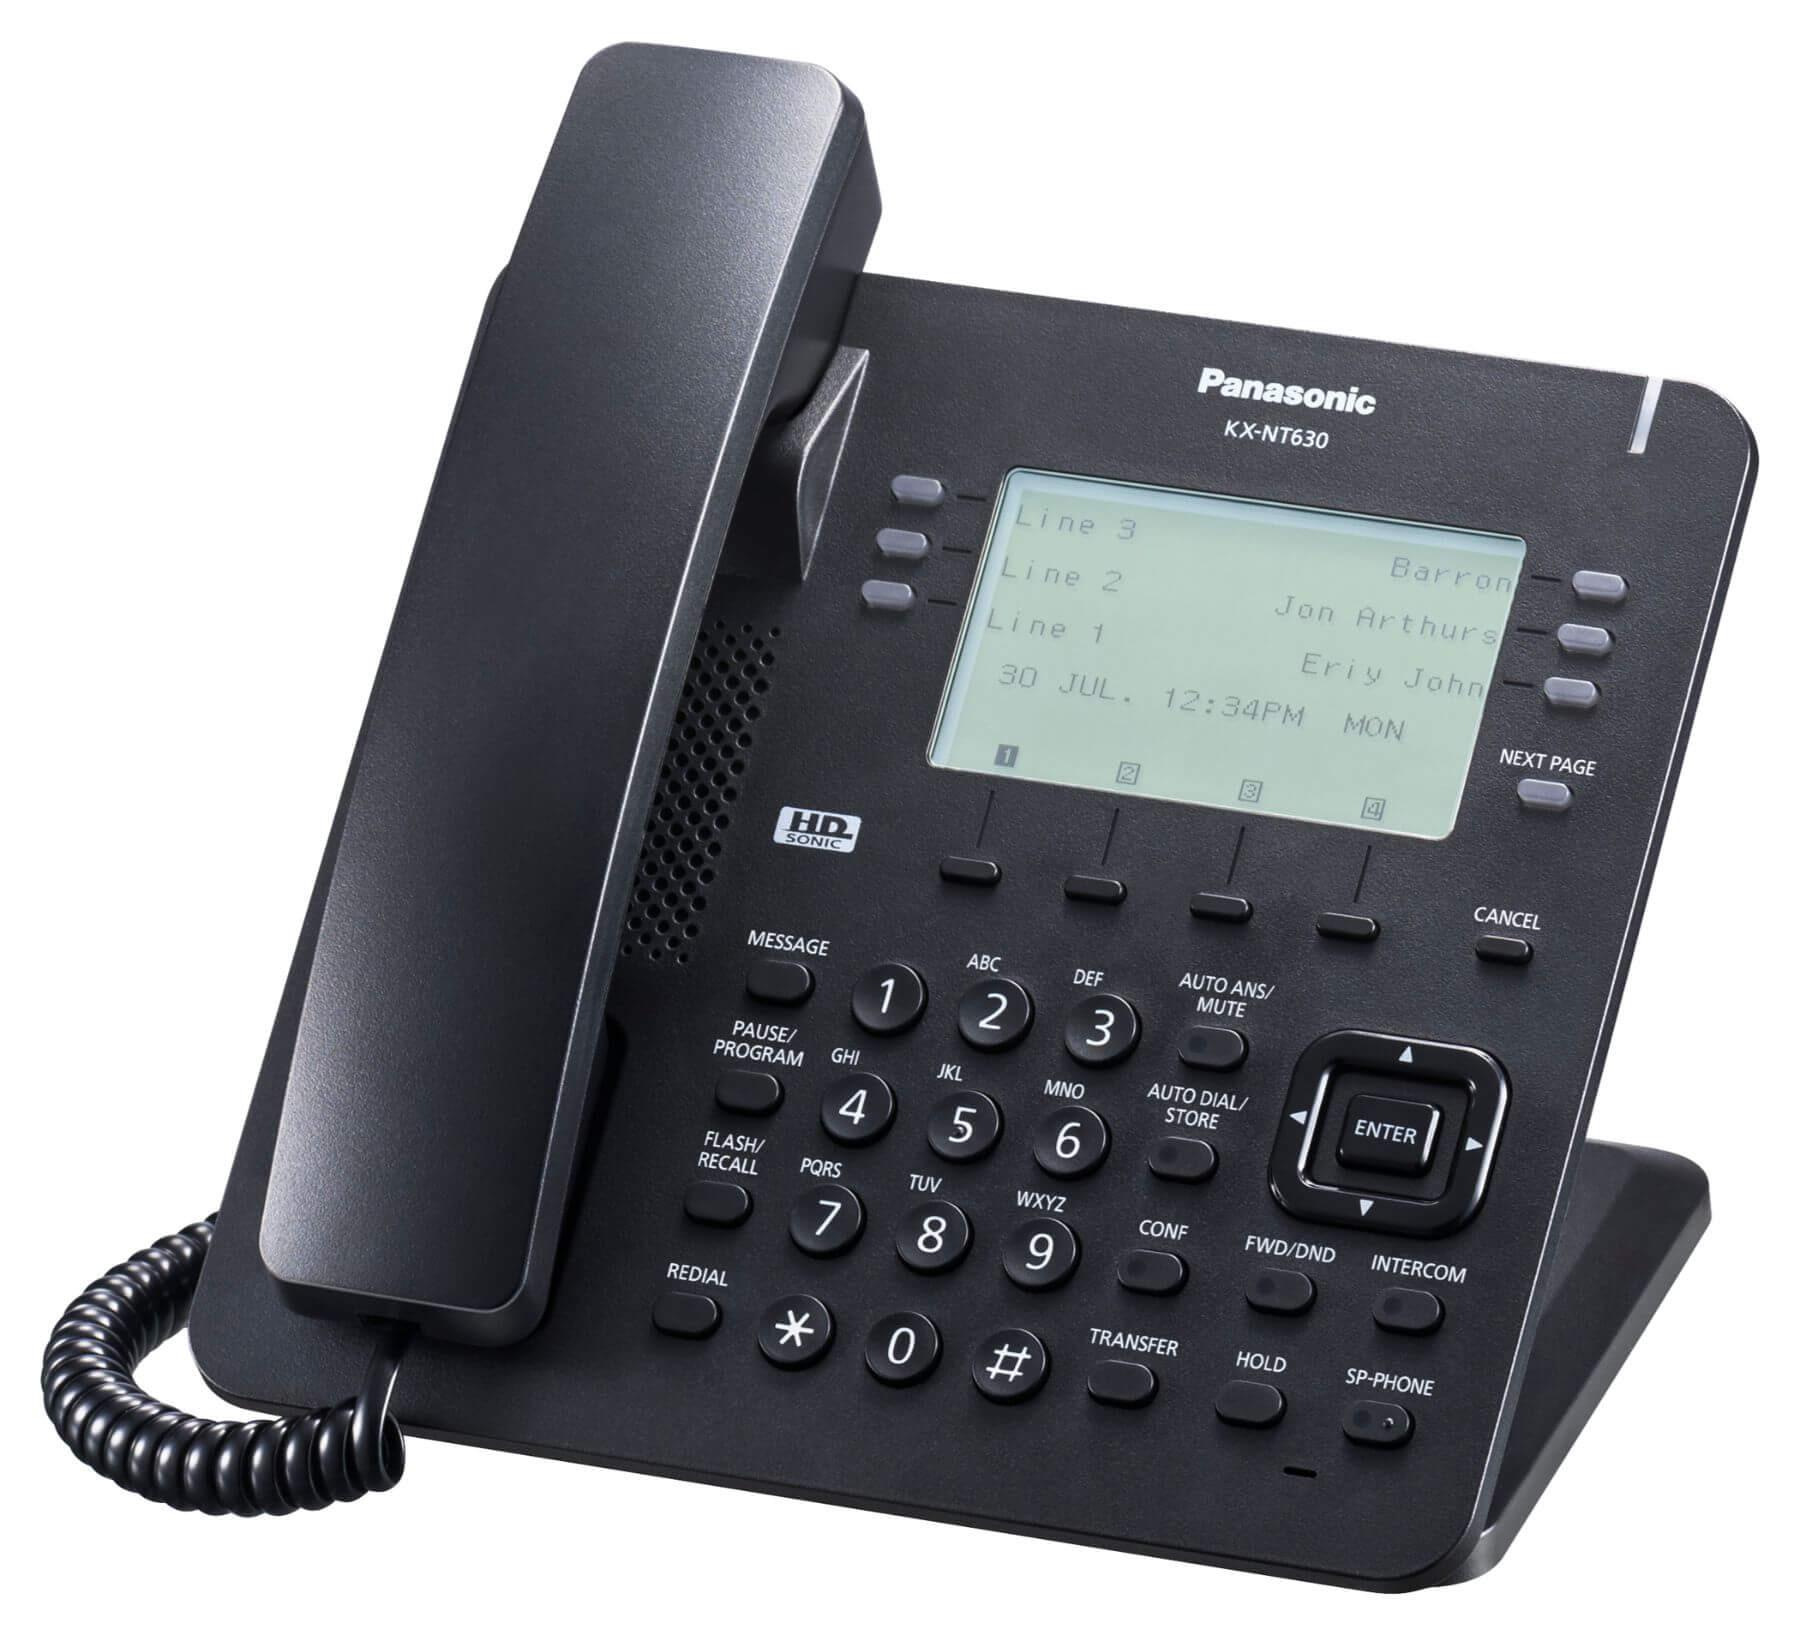 Panasonic KX-NT630 IP Phone Image